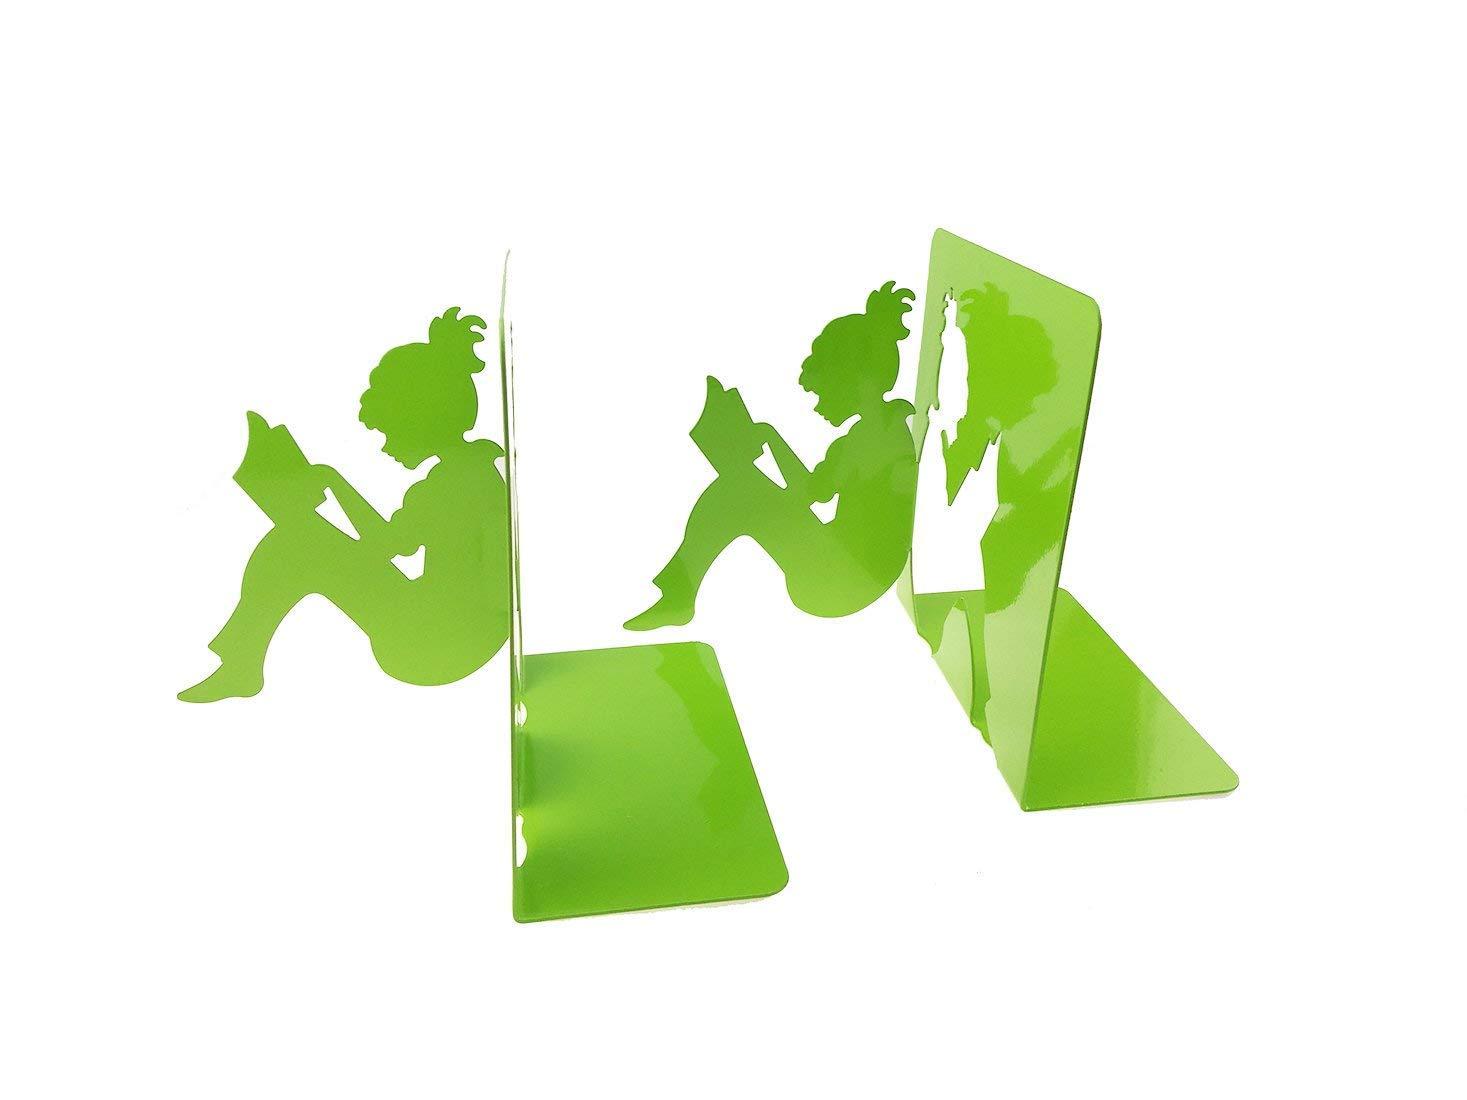 Mini Wonder Green 3D paper-cut Little Girl is Reading Patten fermalibri Reggilibri in metallo per bambini adolescenti studenti insegnanti adulti studio casa scuola biblioteca ufficio decorazione compleanno